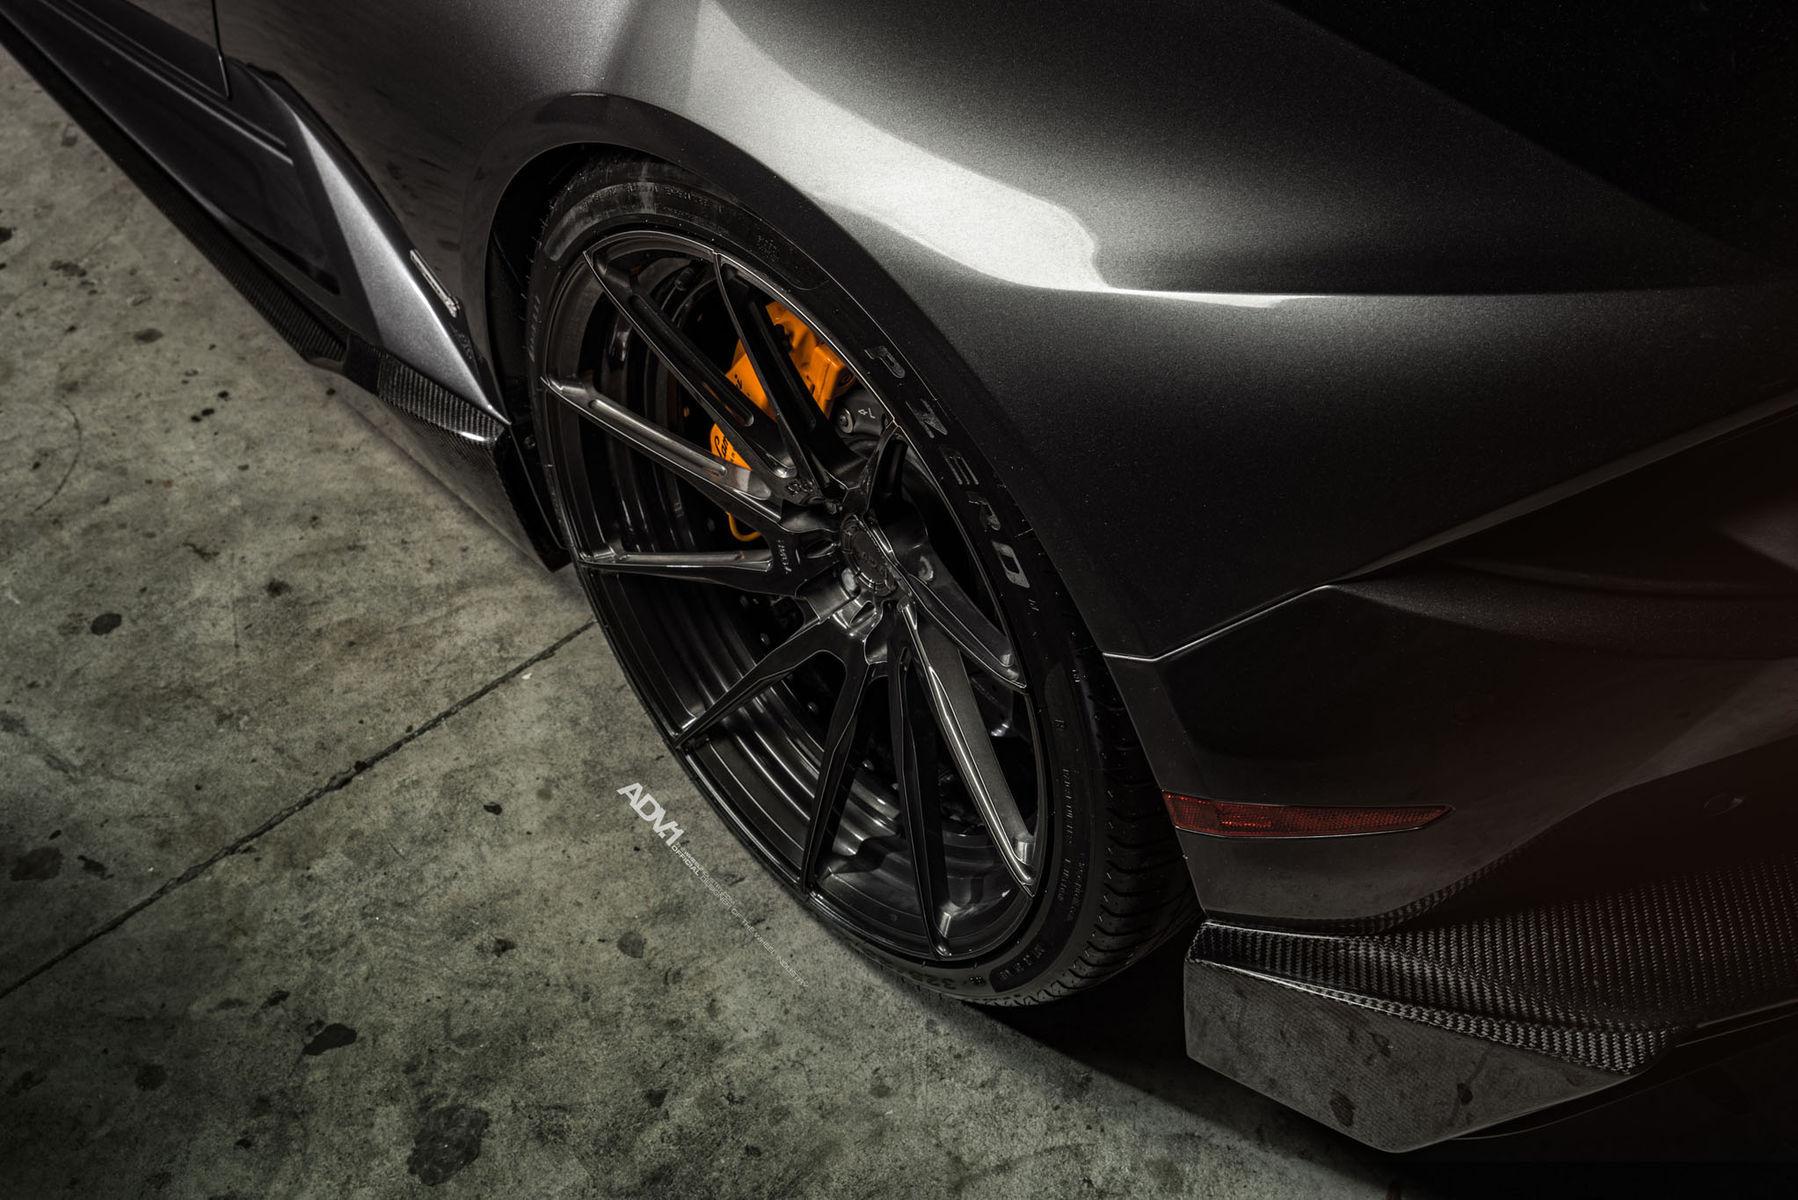 Lamborghini Huracan | ADV.1 Wheels Lamborghini Huracan LP610-4